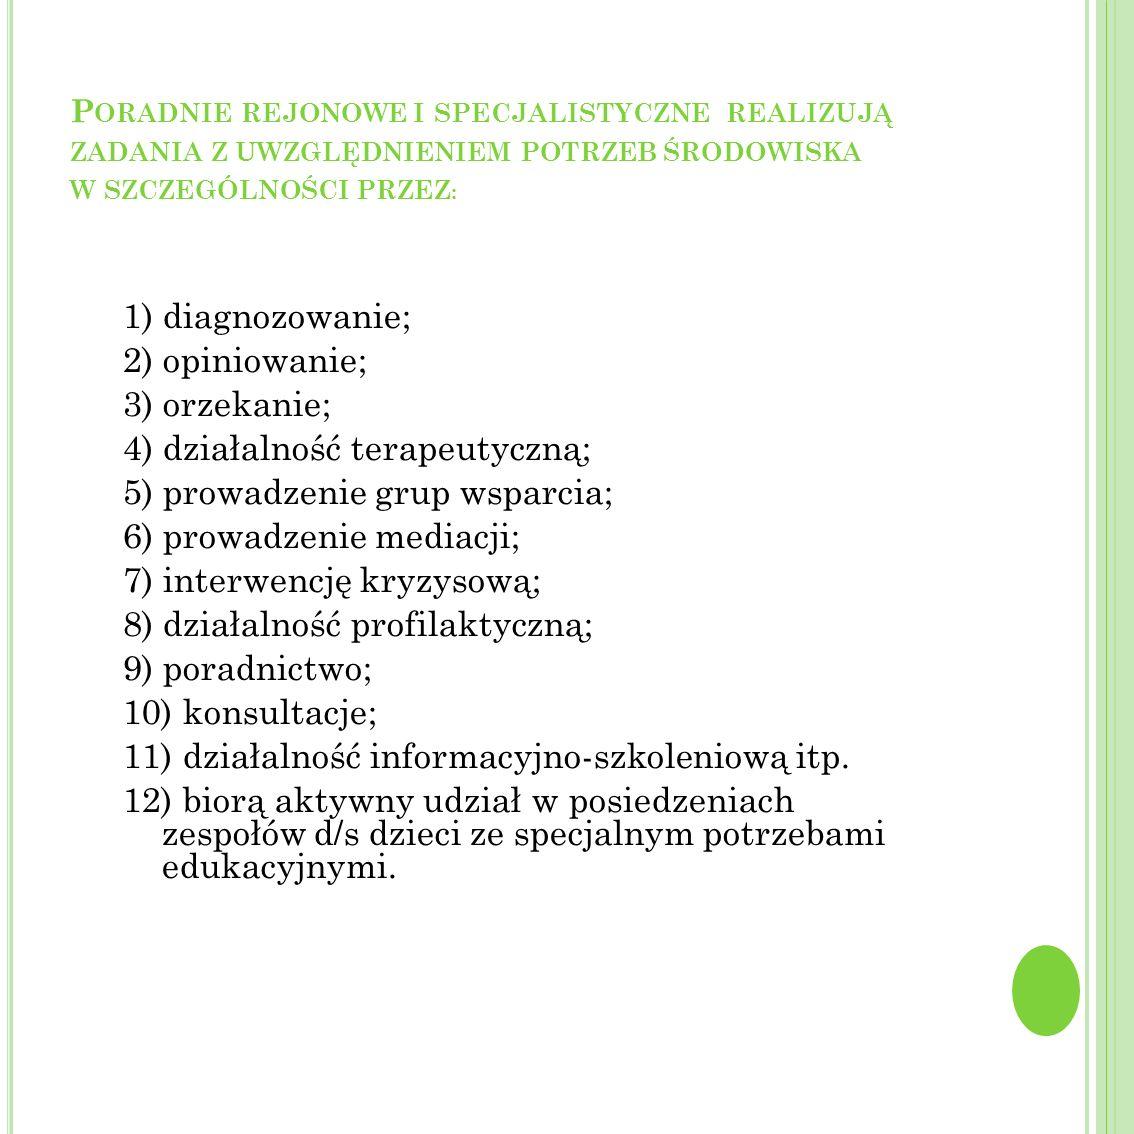 Poradnie rejonowe i specjalistyczne realizują zadania z uwzględnieniem potrzeb środowiska w szczególności przez: